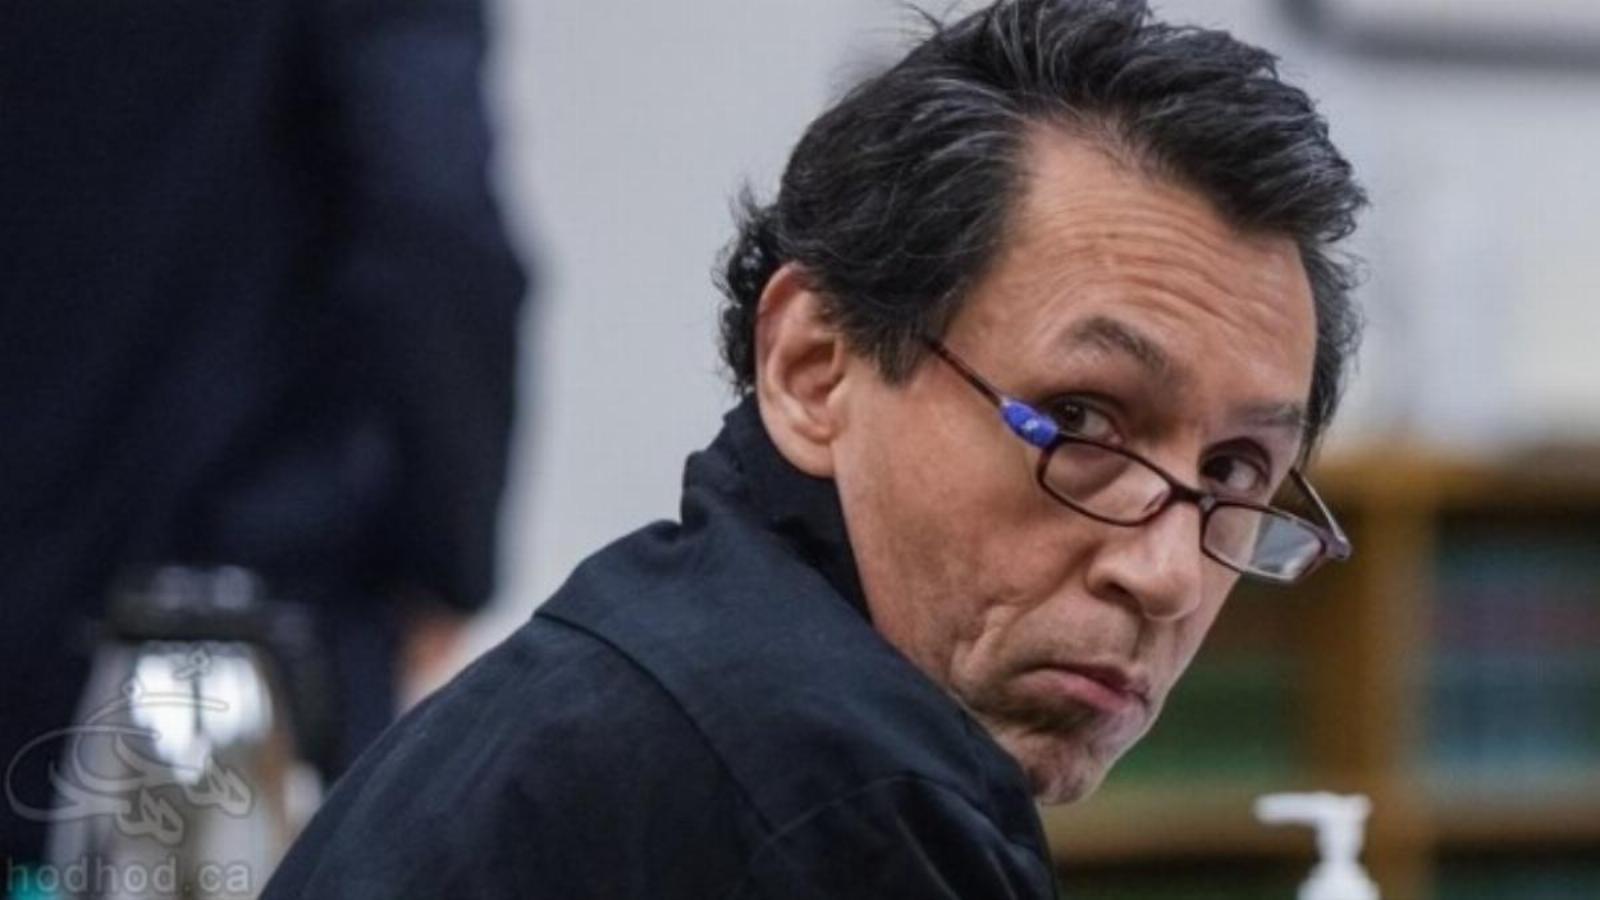 39 سال زندان برای مرد کانادایی به اتهام تجاوز به خانم سالمند 70 ساله!